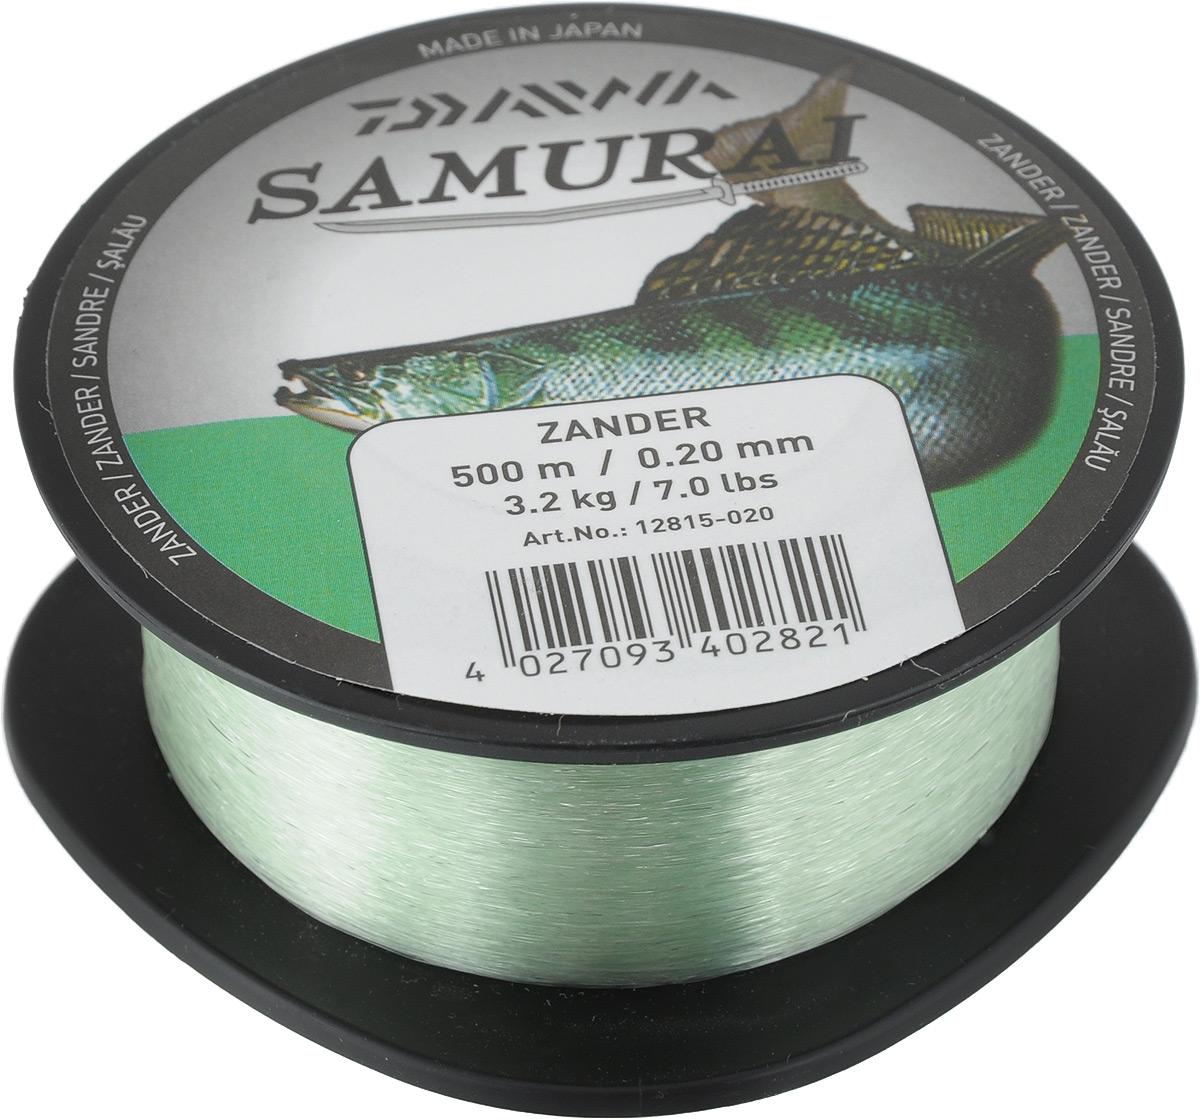 Леска Daiwa Samurai Zander, цвет: светло-зеленый, 500 м, 0,2 мм, 3,2 кг41589Популярная леска Daiwa Samurai Zander применяется для ловли разнообразной рыбы. Изготовлена из прочного нейлона согласновысоким стандартам качества. Леска сочетает в себе великолепное соотношение цены и качества.